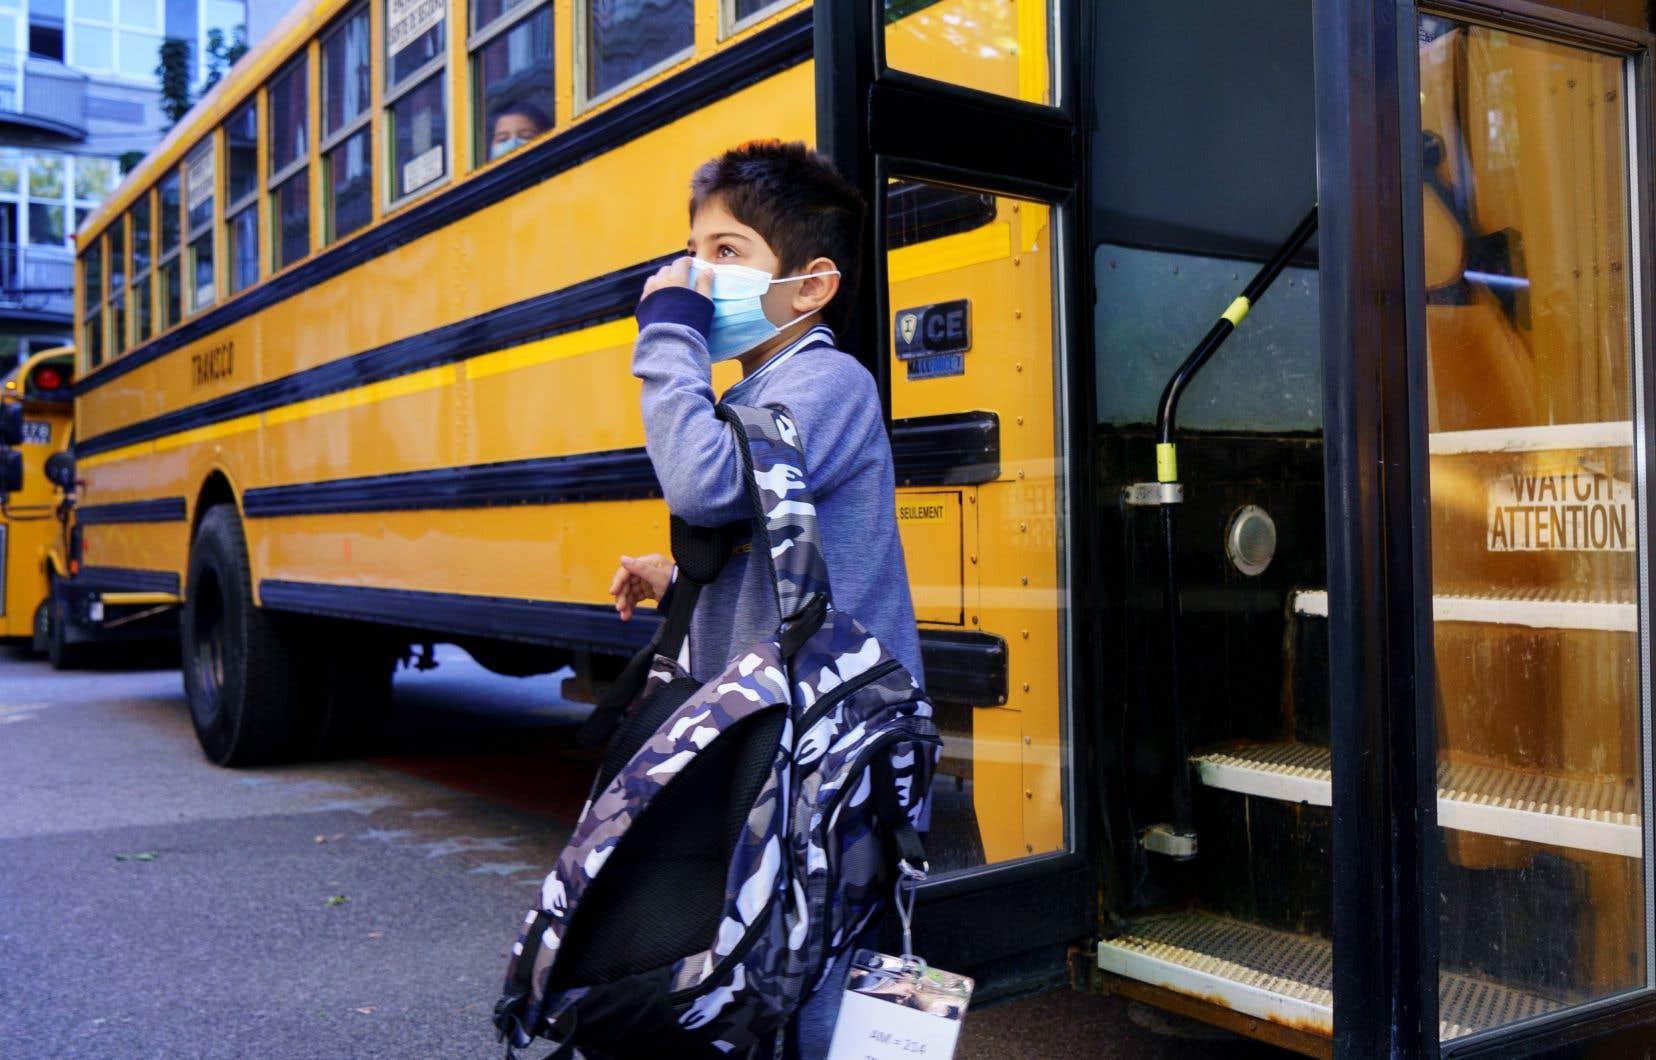 Incohésion dans les écoles à quelques jours de la rentrée